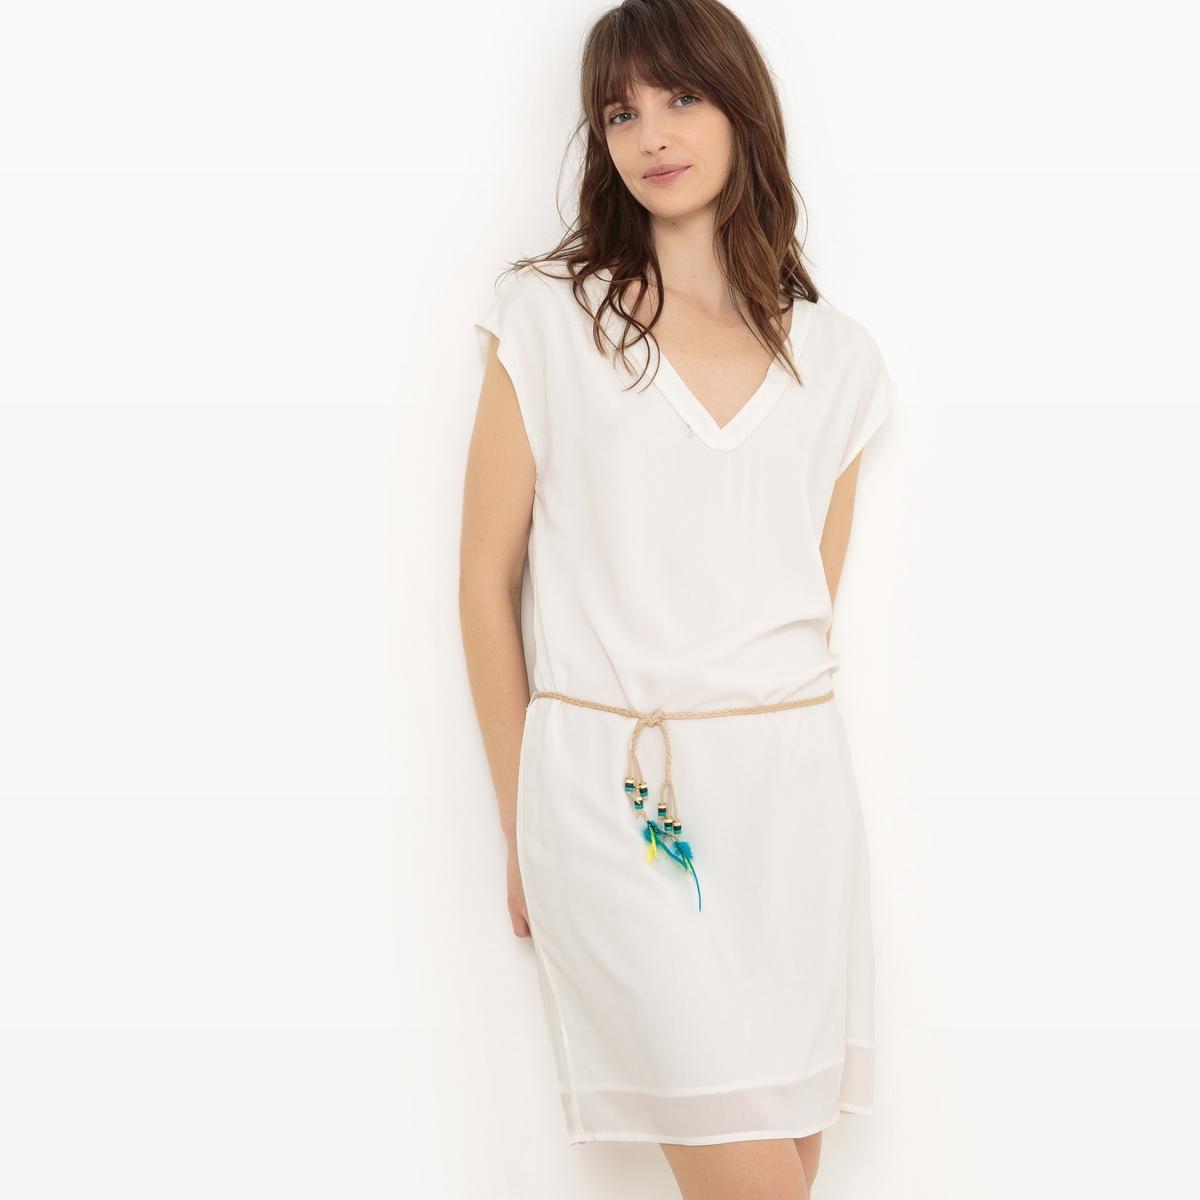 Платье с короткими рукавами и застежкой сзадиОписание:Детали   •  Форма : расклешенная   •  укороченная  •  Короткие рукава    •   V-образный вырез  Состав и уход   •  100% вискоза  •  Подкладка : 100% полиэстер• Просьба следовать советам по уходу, указанным на этикетке изделия<br><br>Цвет: белый